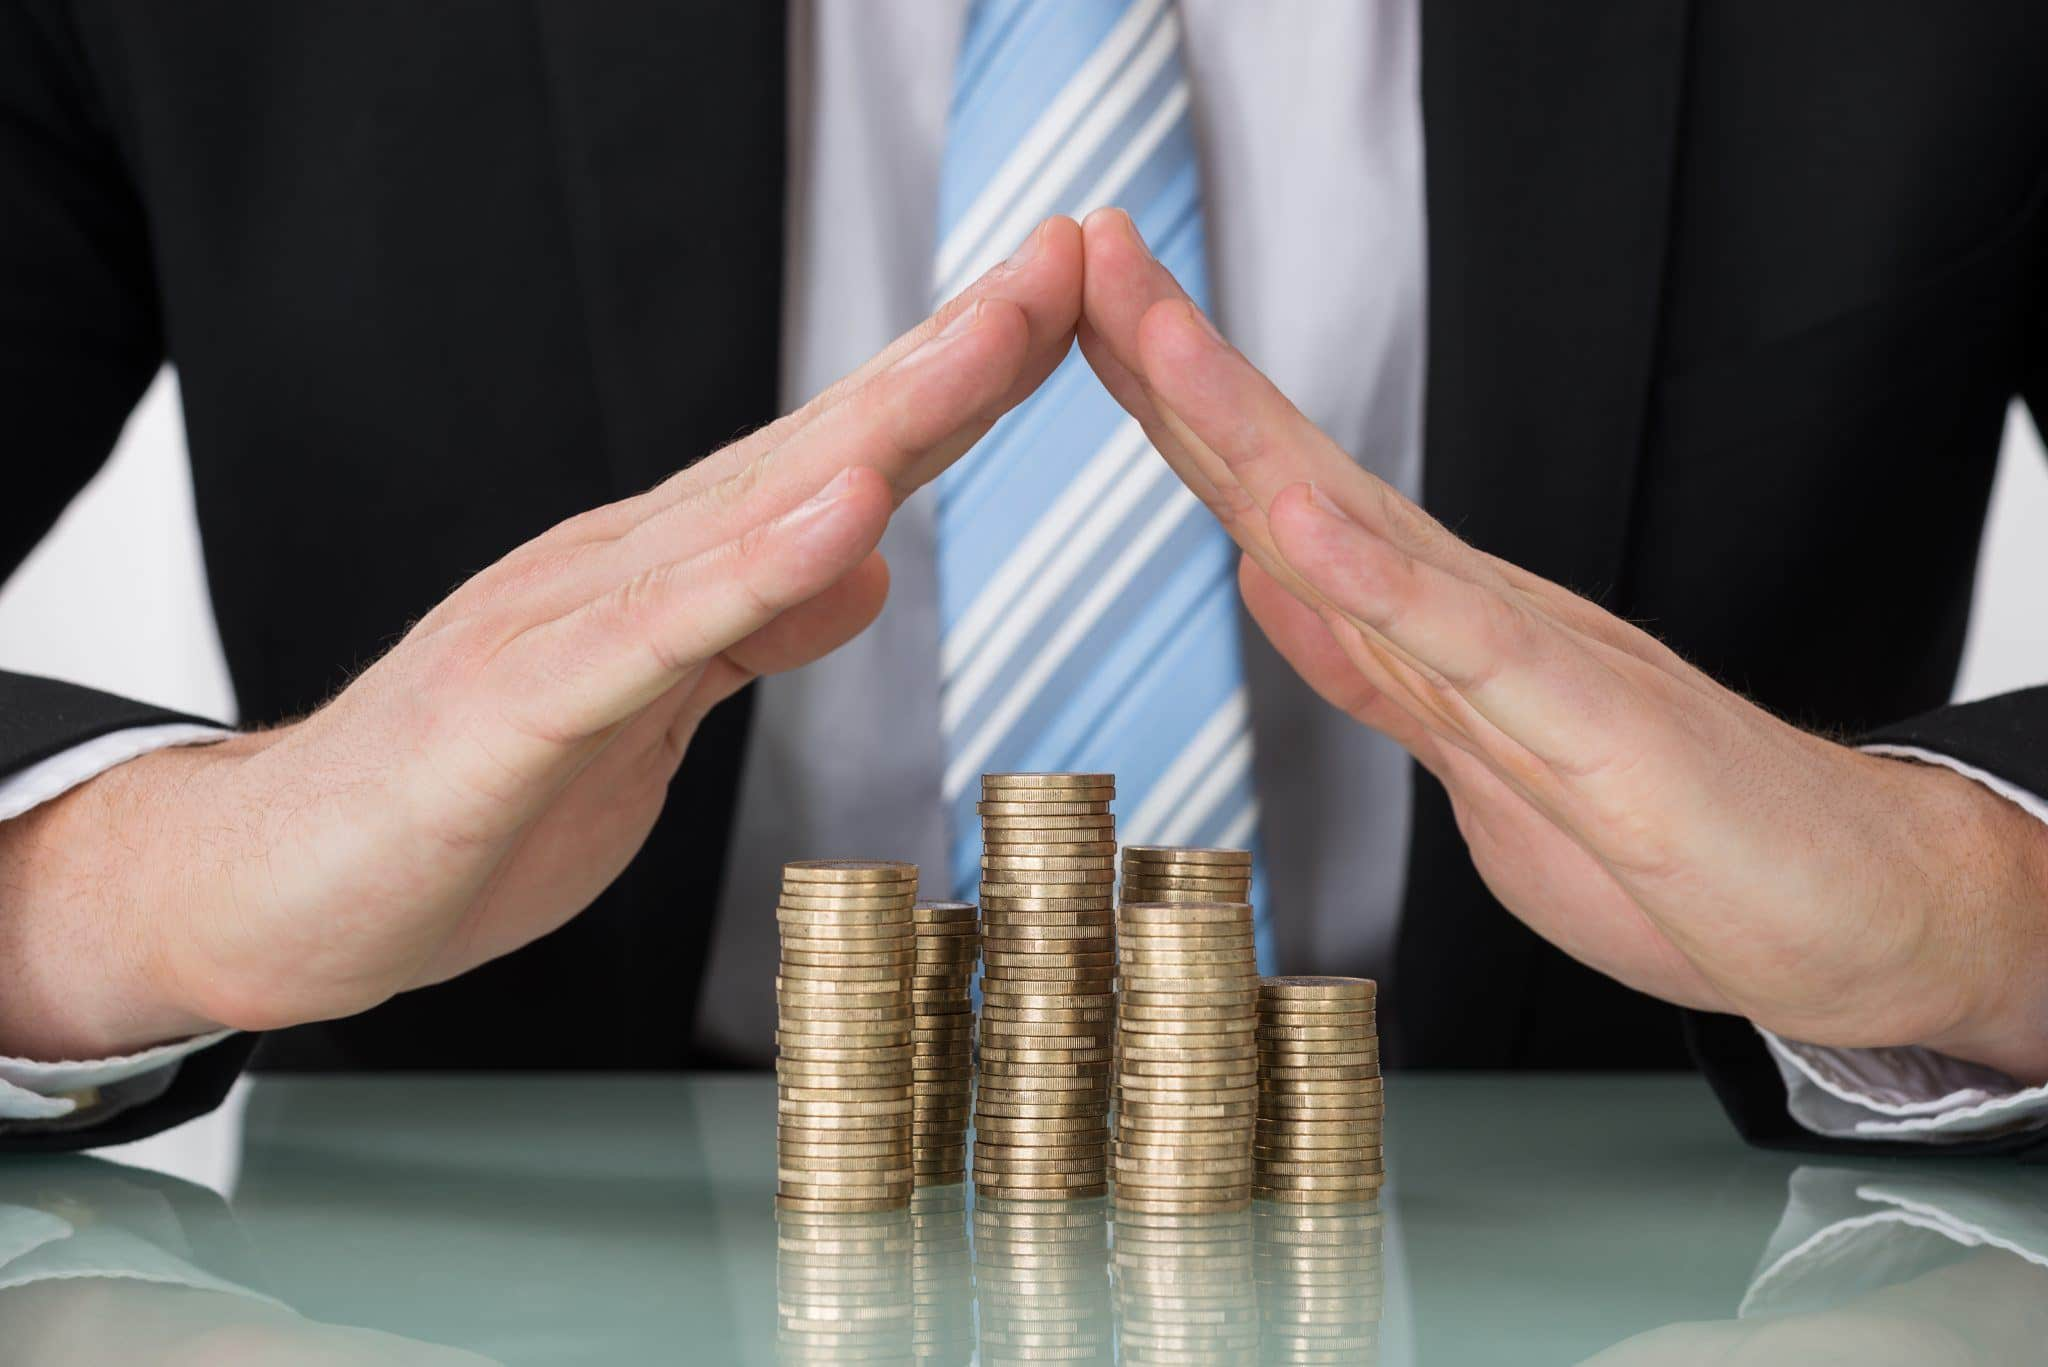 Chi phí vốn là gì? Tìm hiểu về phương pháp xác định chi phí vốn!